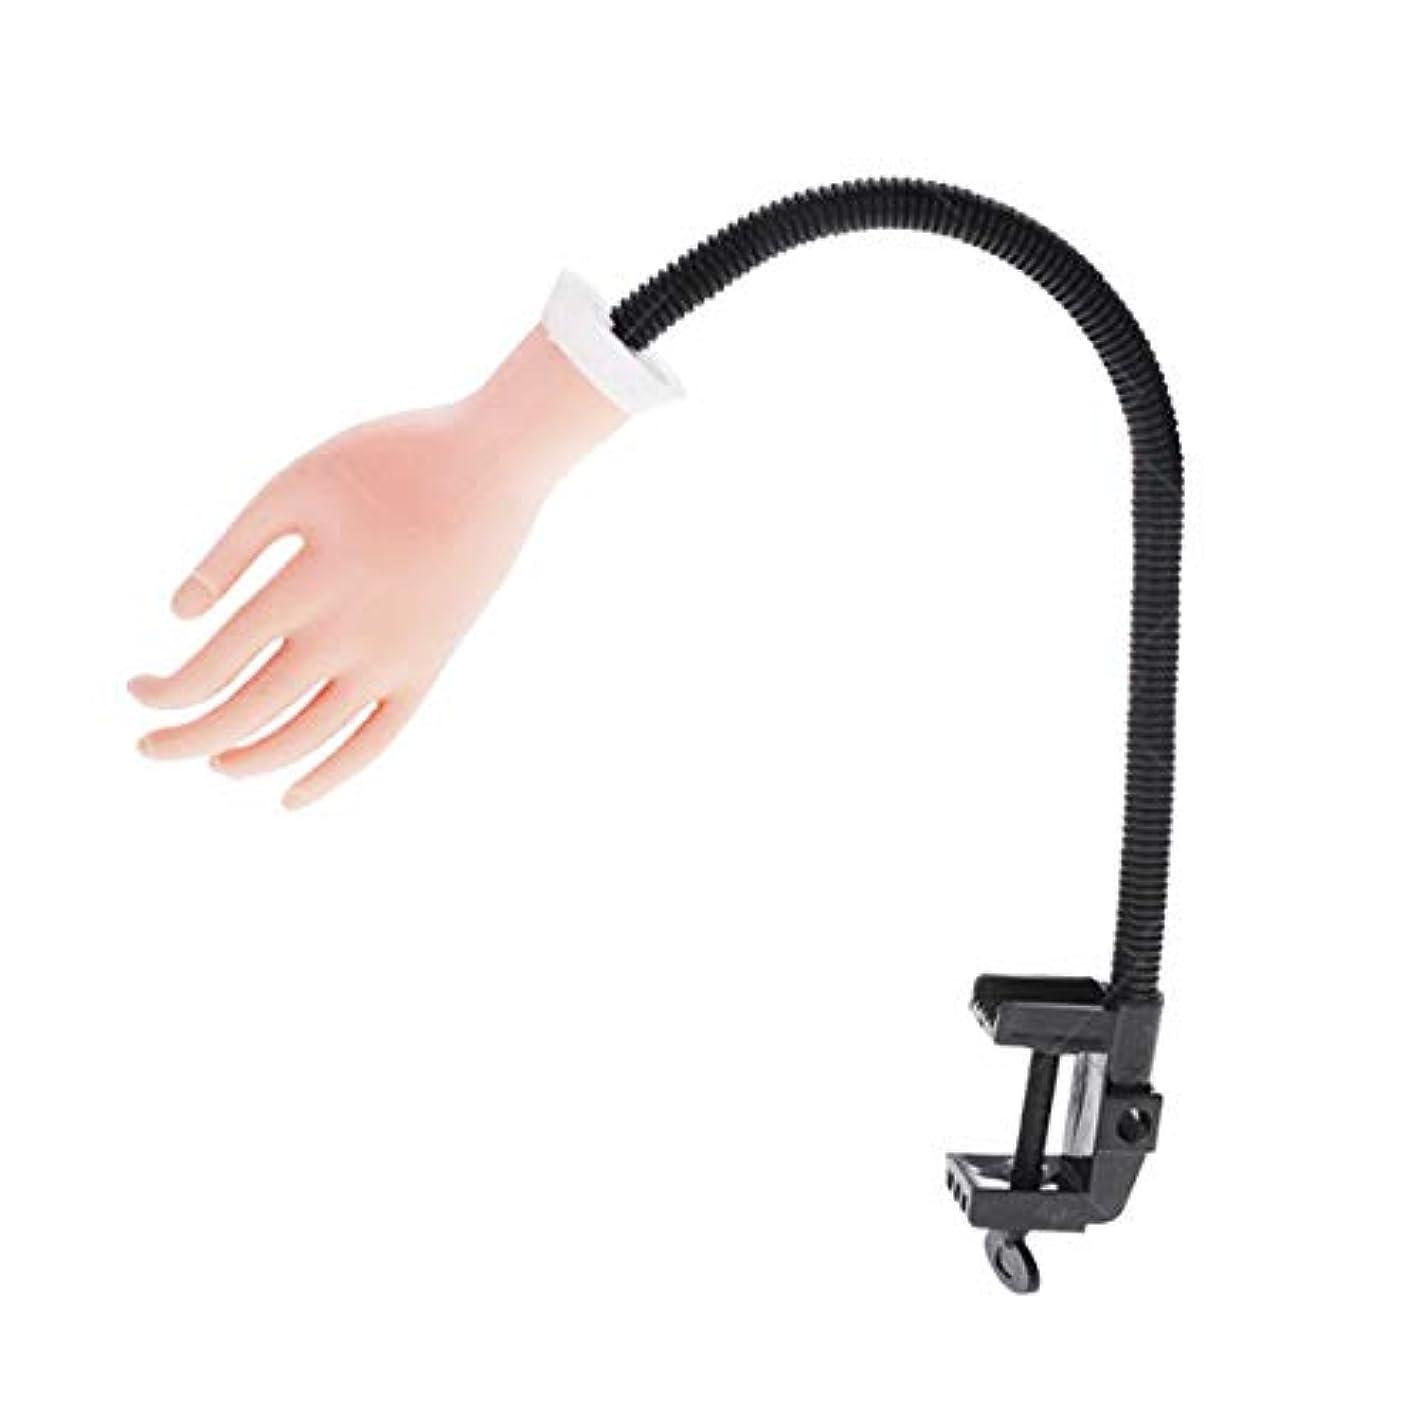 ラリーベルモントクランシー以前はOurine ハンドマネキン ネイルアート 練習手 モデルハンド シリコン 指が曲がれる 360度 手の模型 女 軟質プラスチック マニキュア クリップ付 (単手) (白)